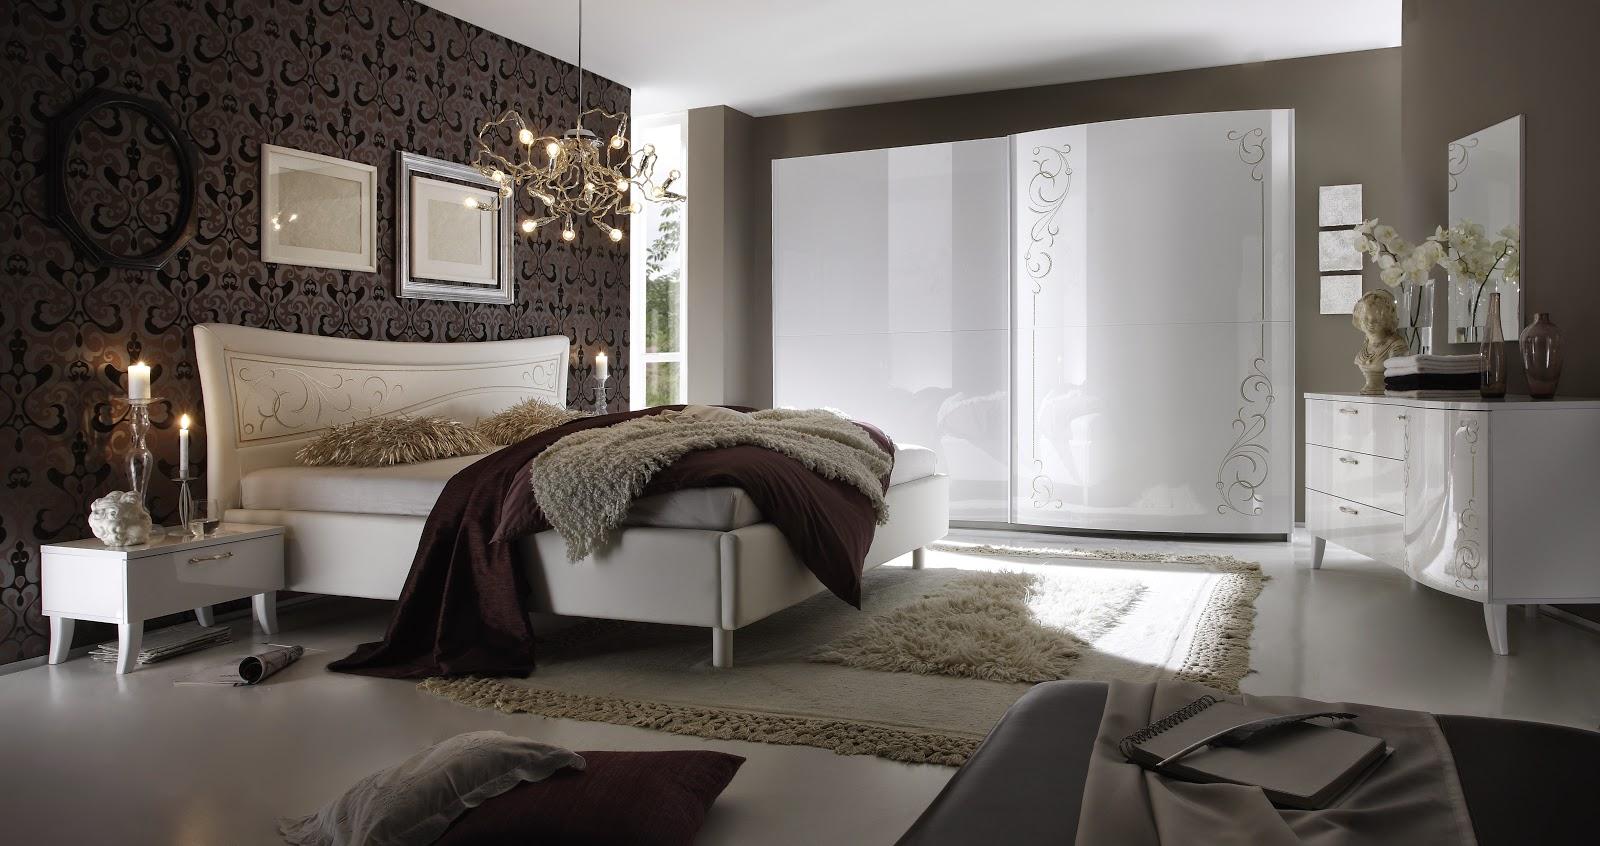 Camere Da Letto Mobilandia.Arredamenti A S Mobilandia Traslochi Camera Matrimoniale Bianco